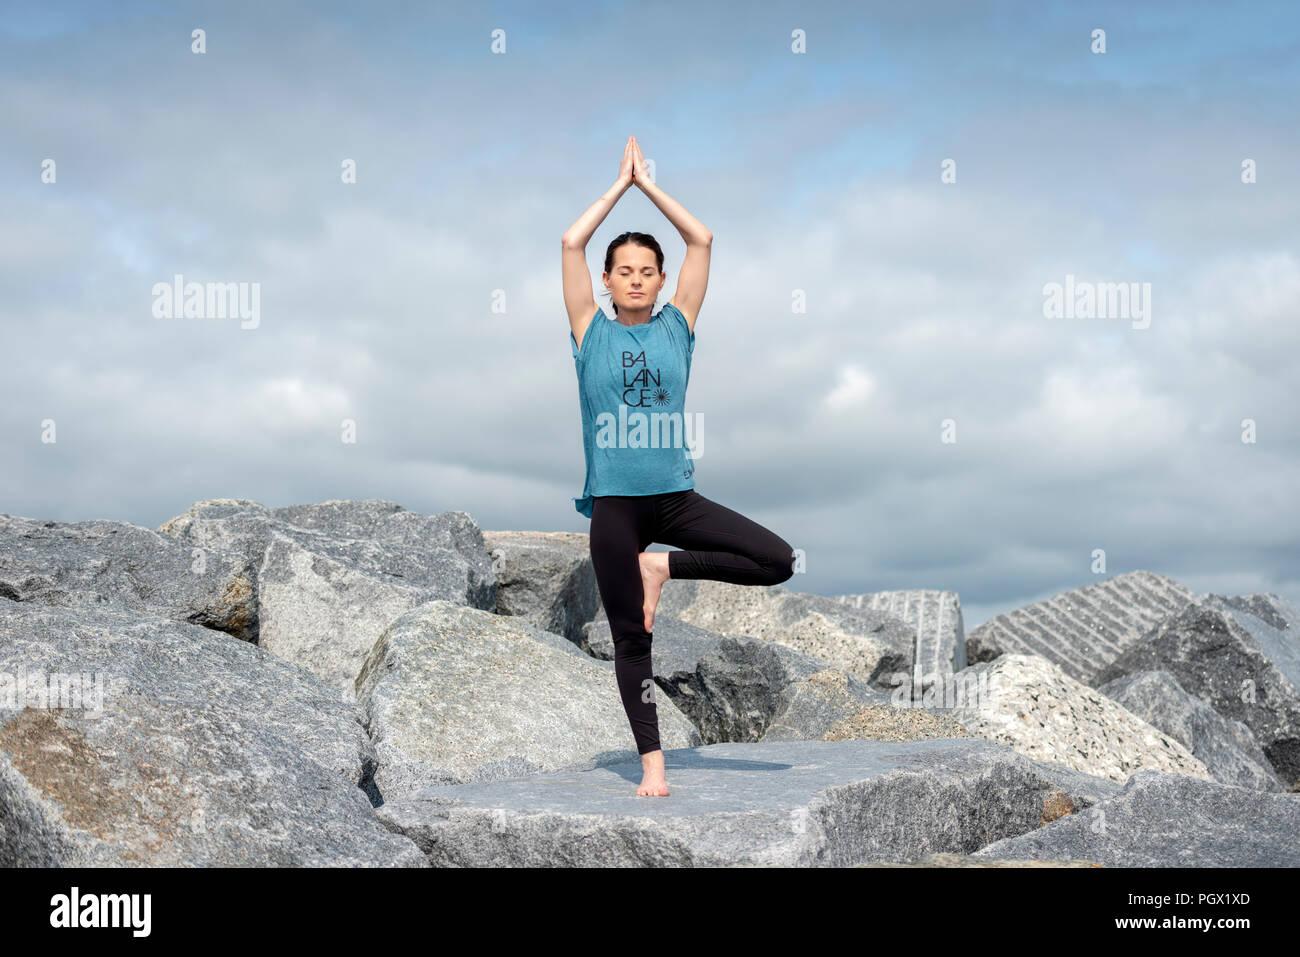 """Woman doing yoga, posture de l'arbre, portant un tshirt """"d'équilibre"""" slogan. Photo Stock"""